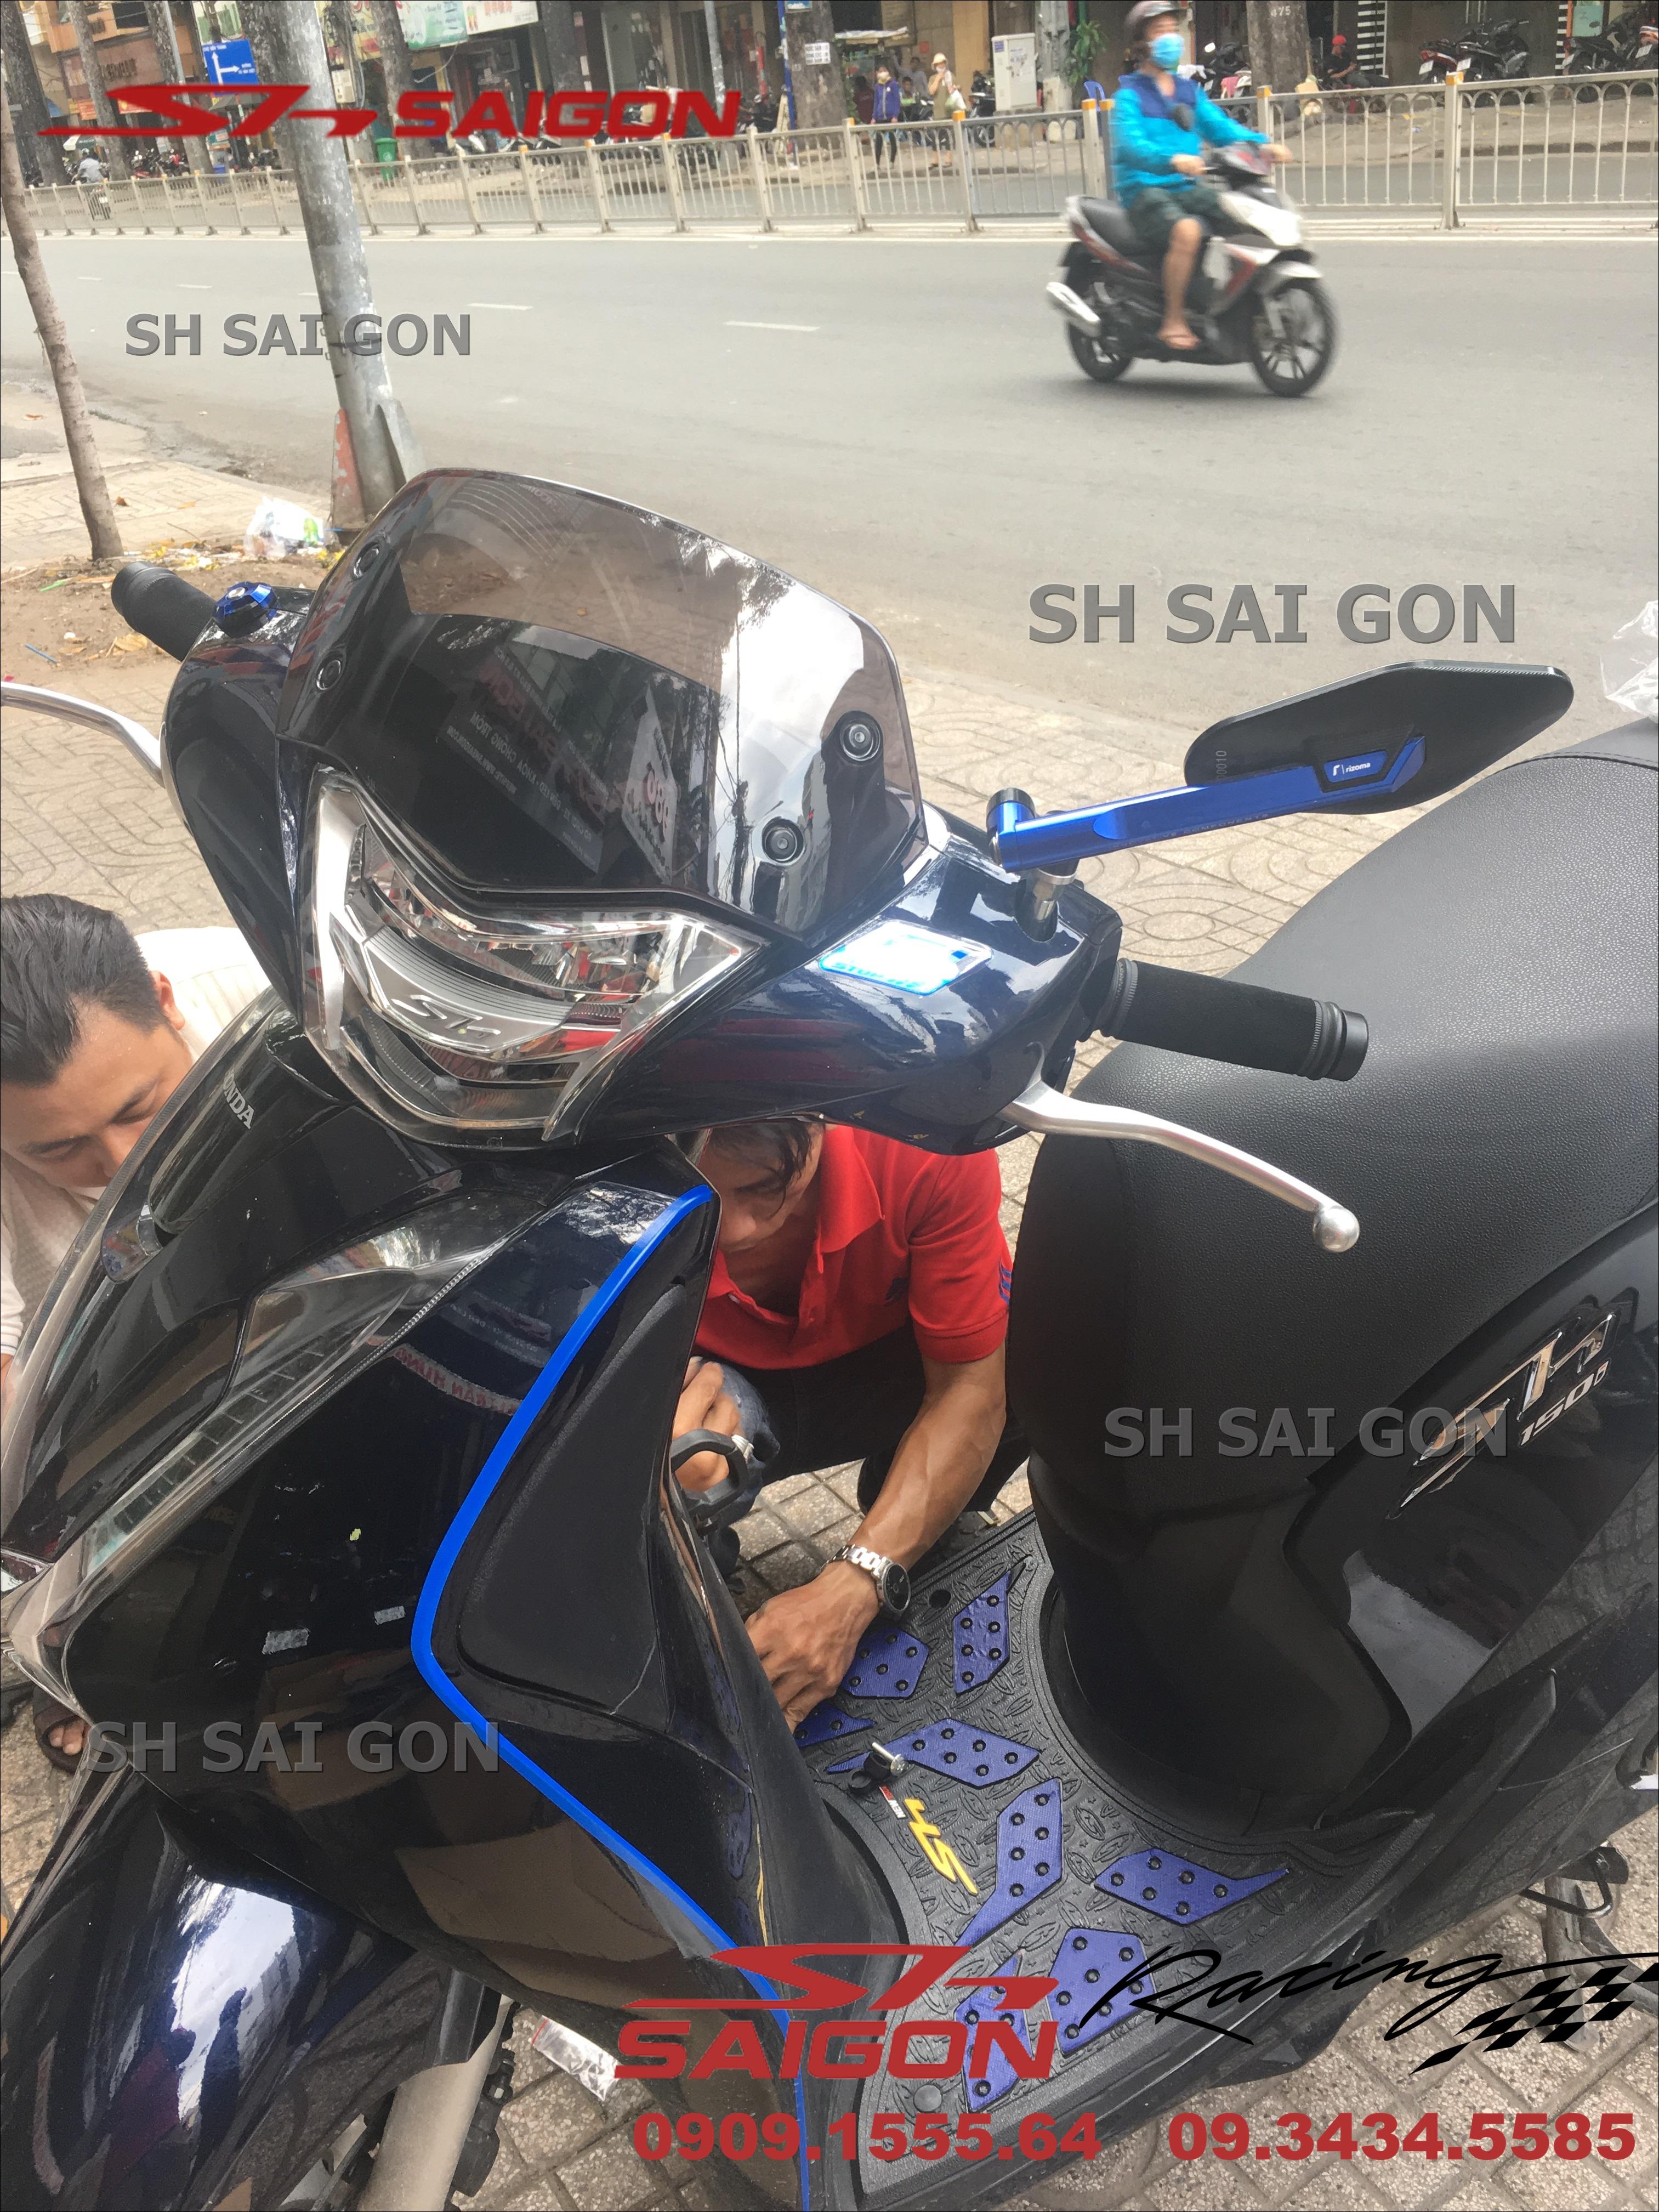 Photo xe SH Việt Nam 2017 2018 2019 thay kính chắn gió chất lượng giá rẻ tại Sài Gòn